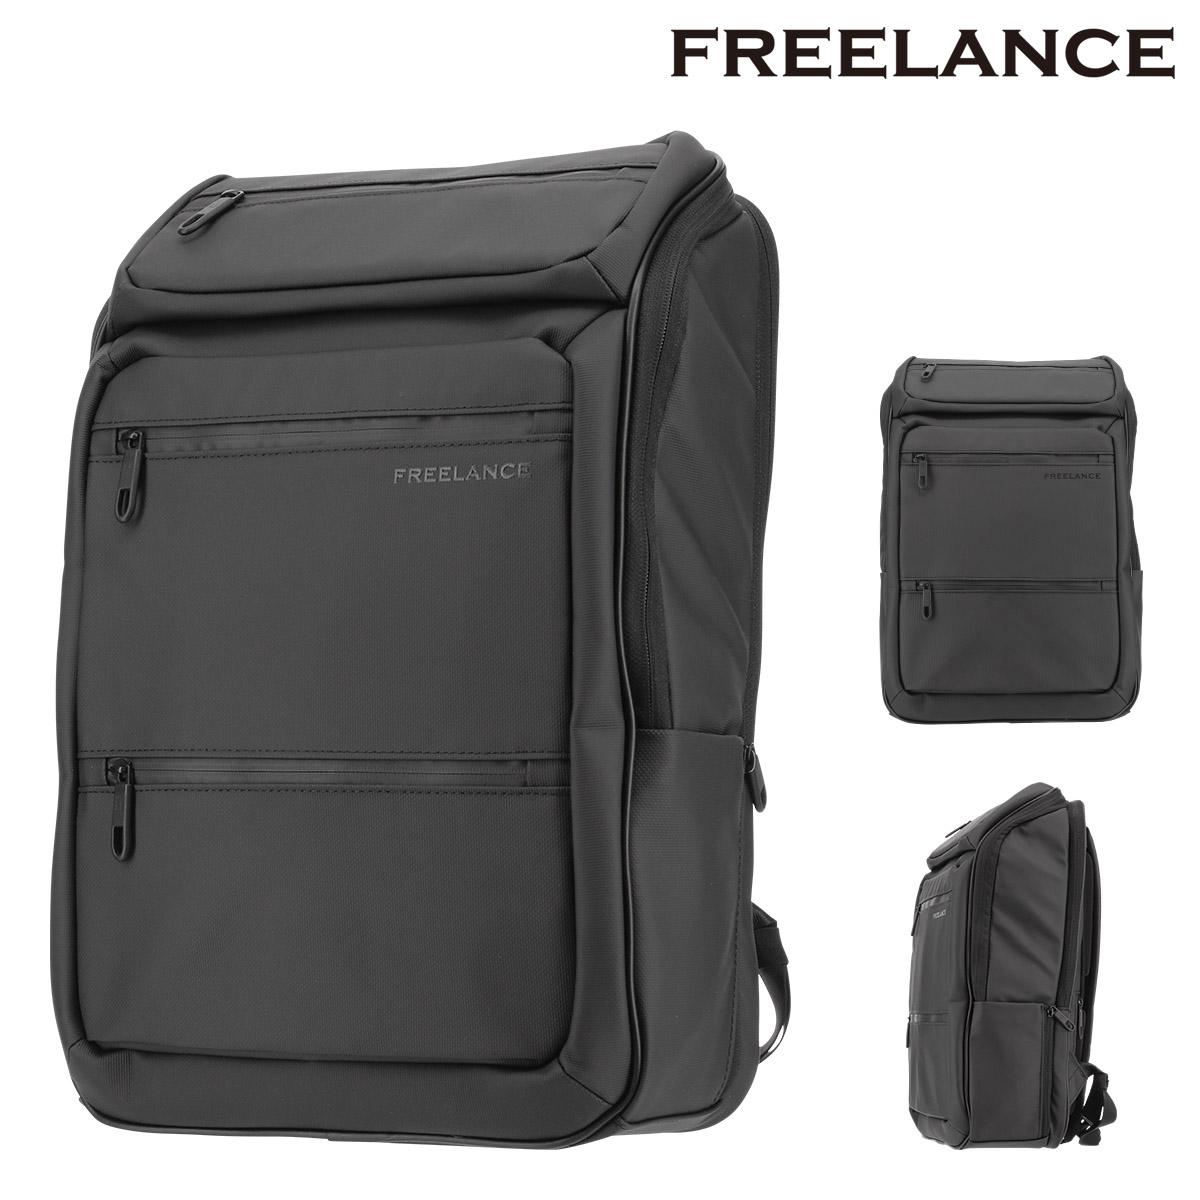 フリーランス リュック メンズ fl-107 FREELANCE | ビジネスバッグ ビジネスリュック ナイロン[PO5][bef][即日発送]